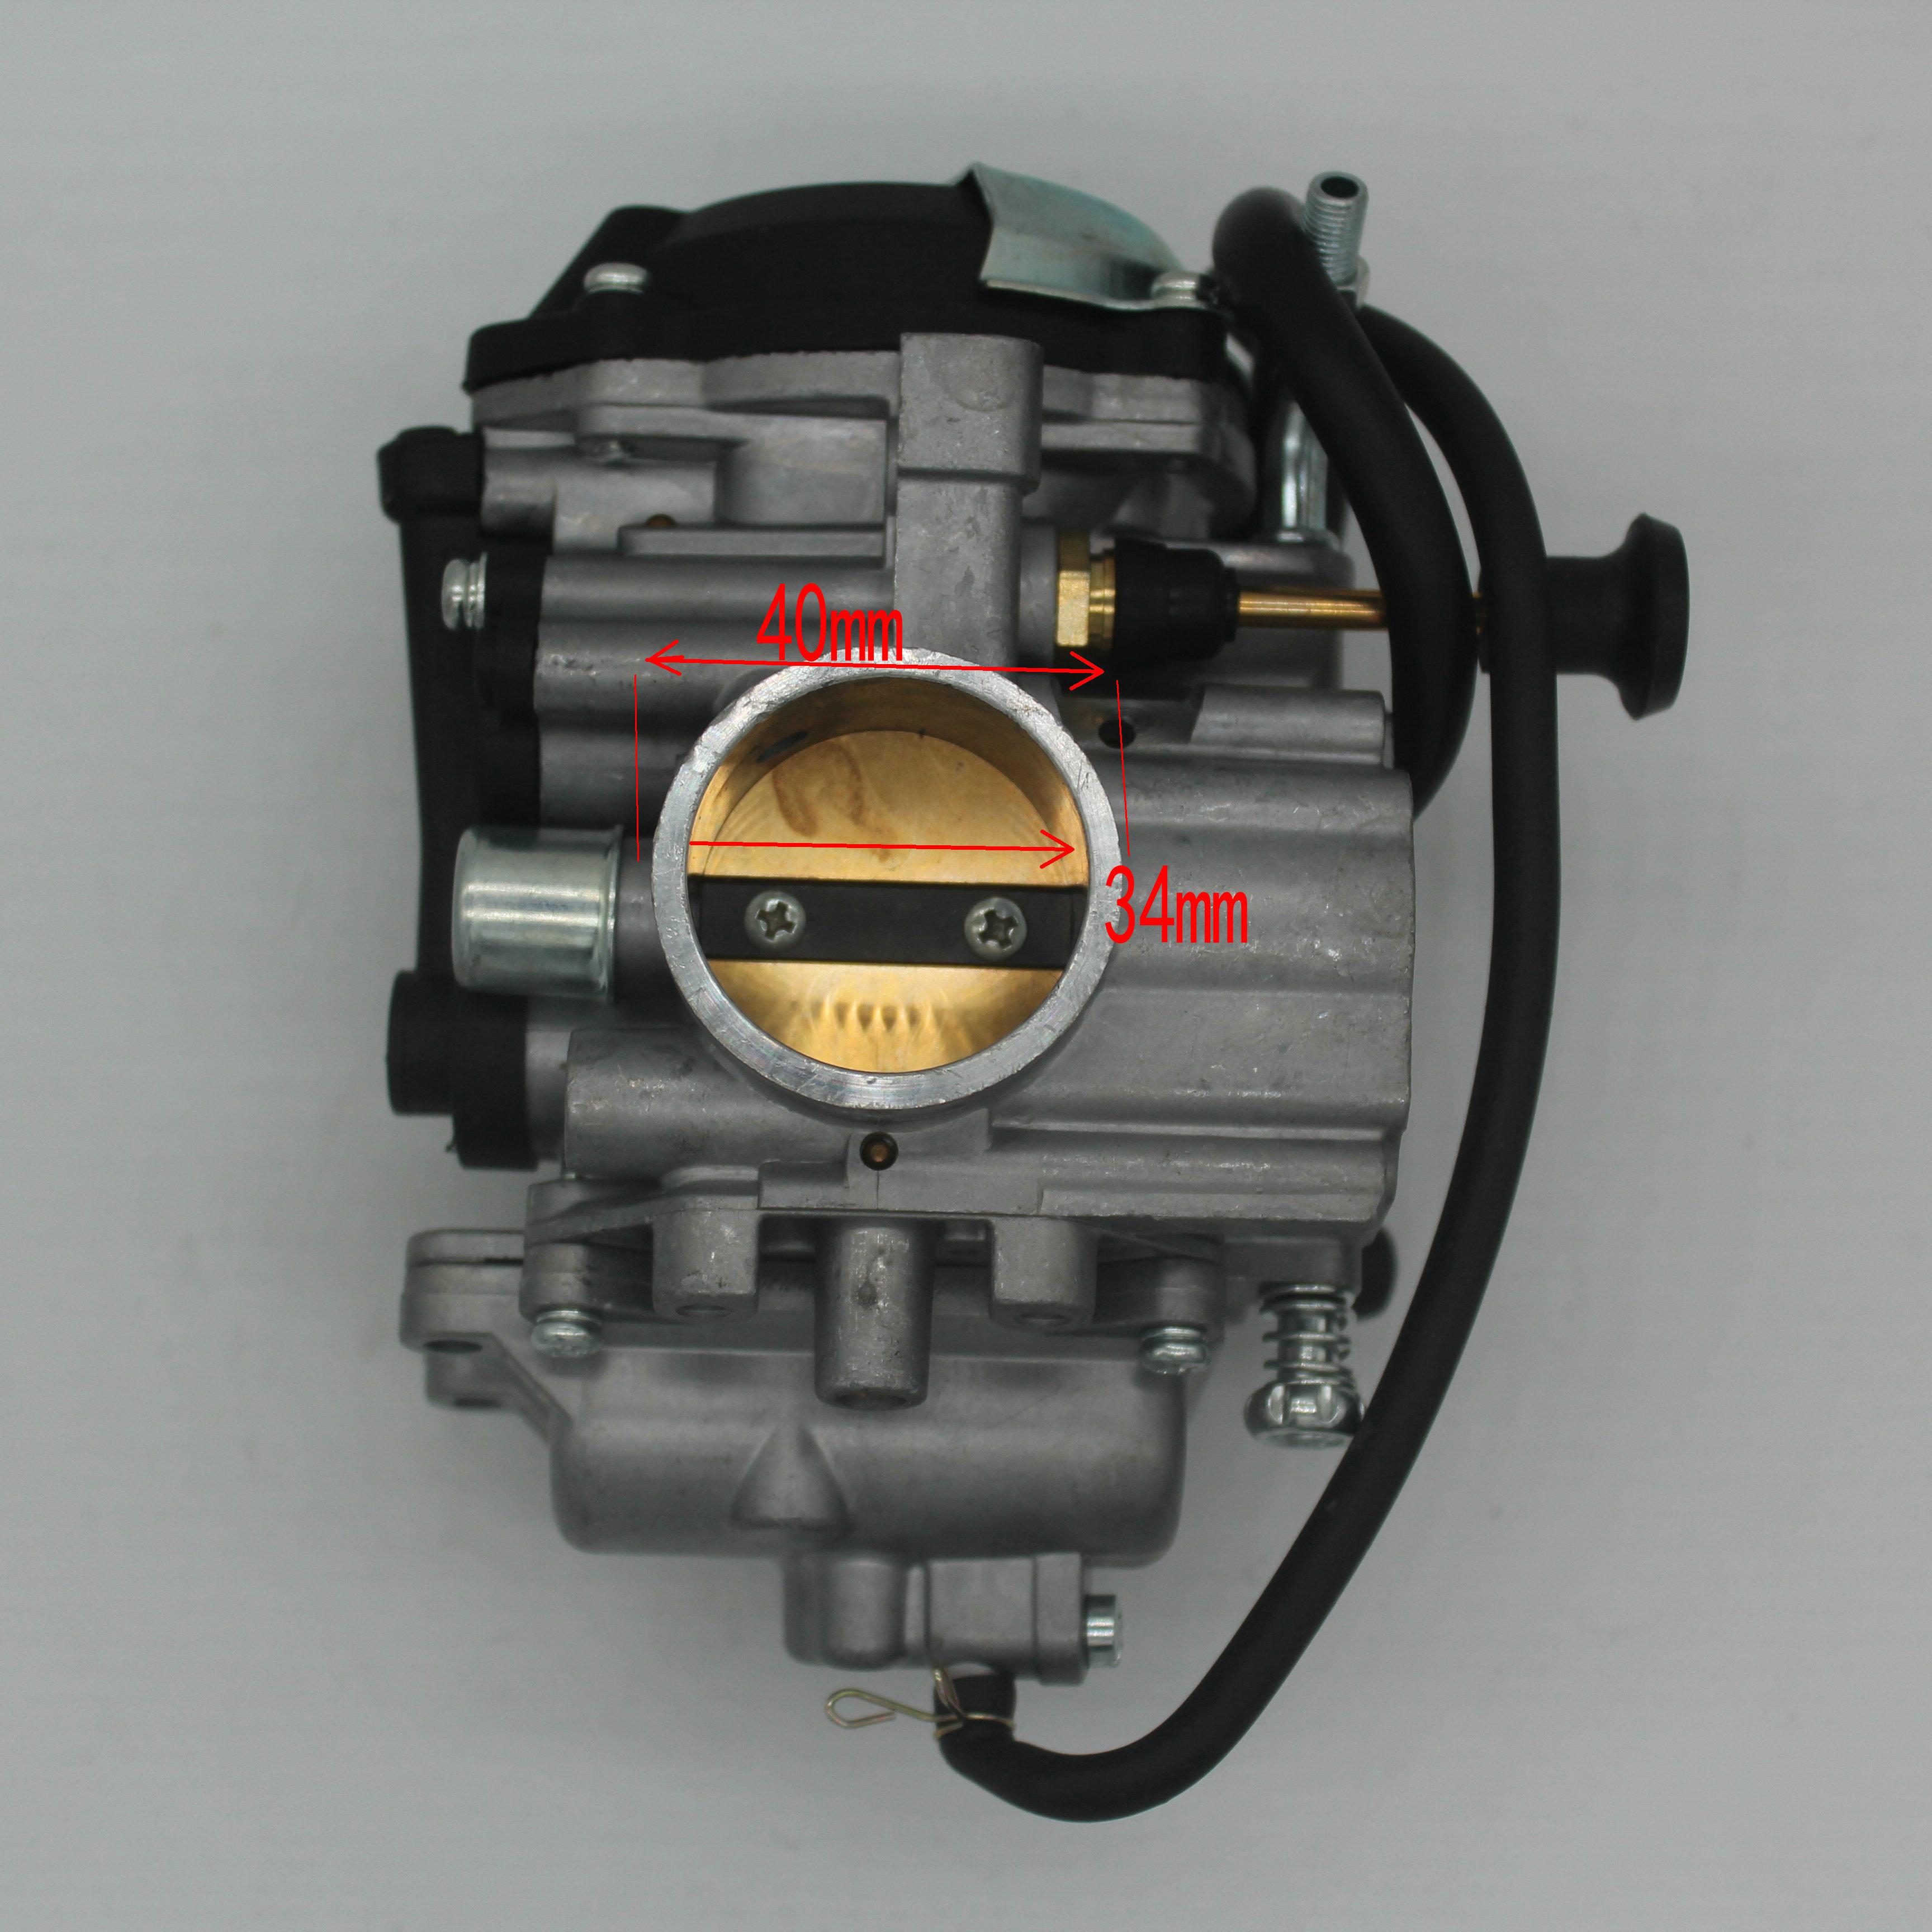 PD34J 34mm carburateur De Moto pour YAMAHA OURS TRACEUR 250 YFM250 YFM250 VTT 1999-2002 2003 2004 2005 Moto Accwssories